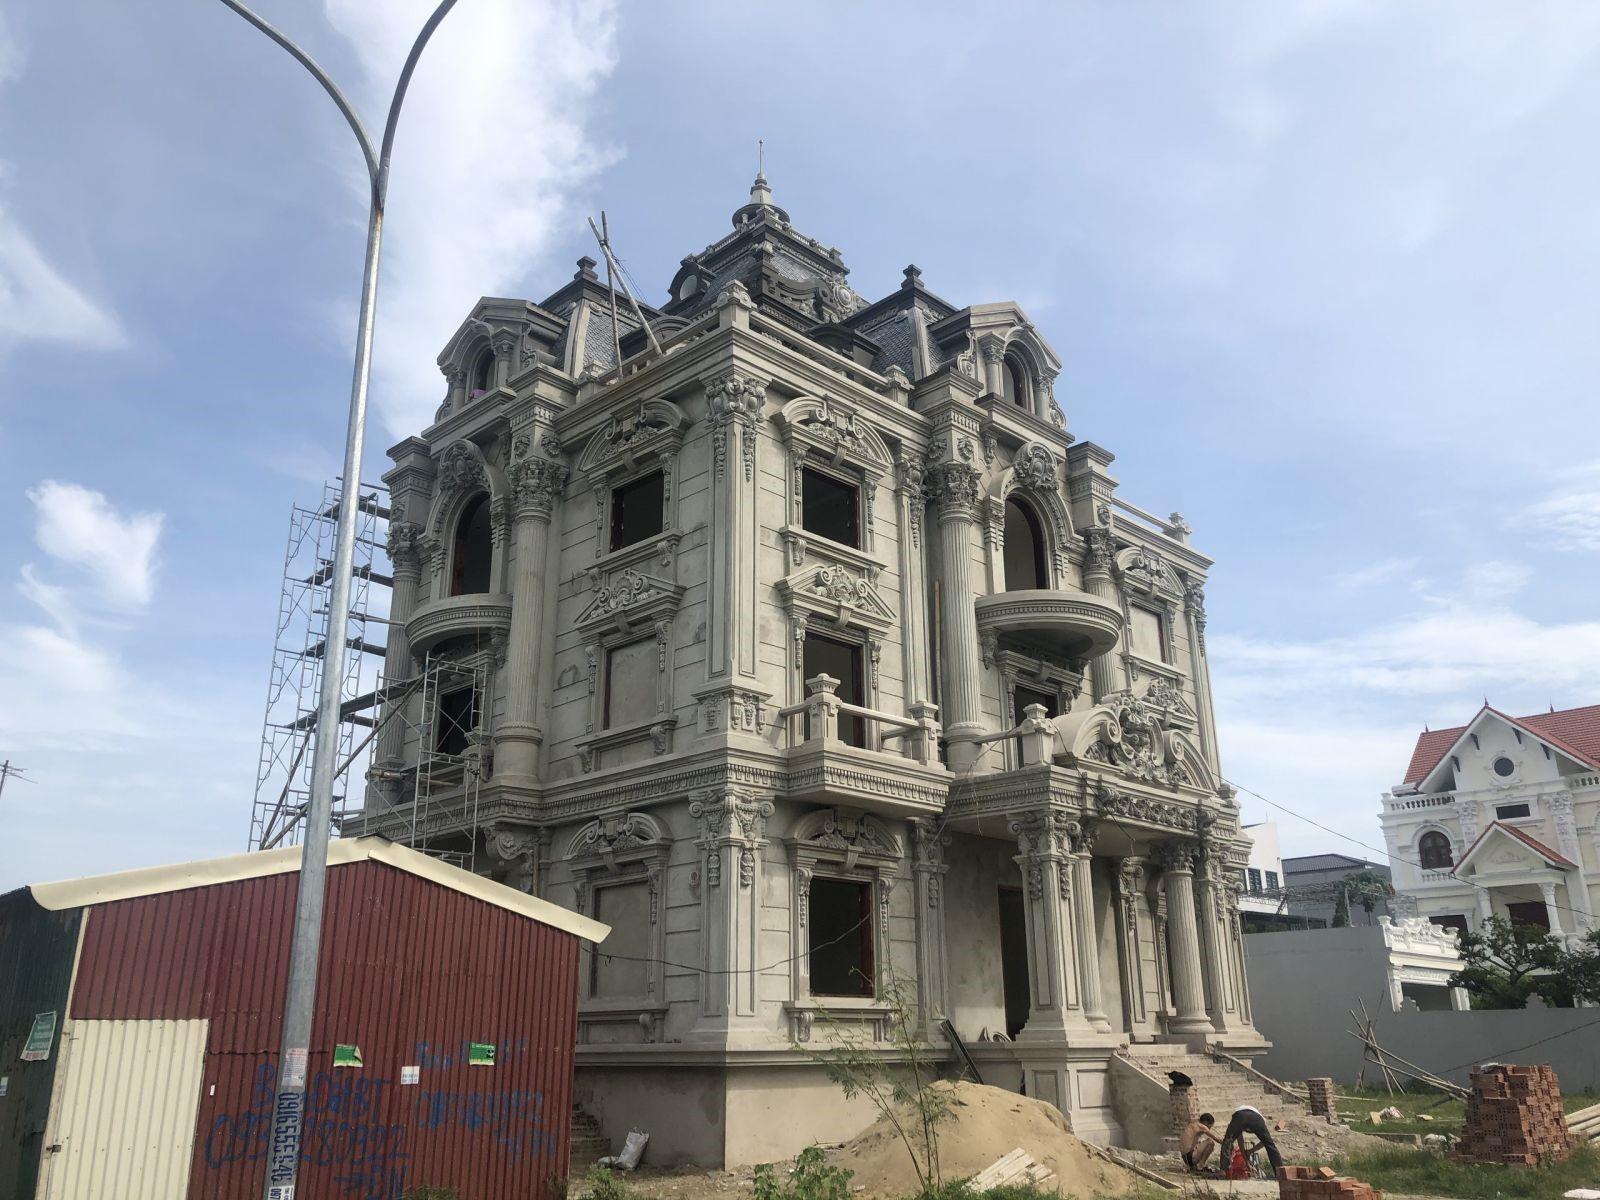 Làm rõ phong cách Tân cổ điển tại Việt Nam